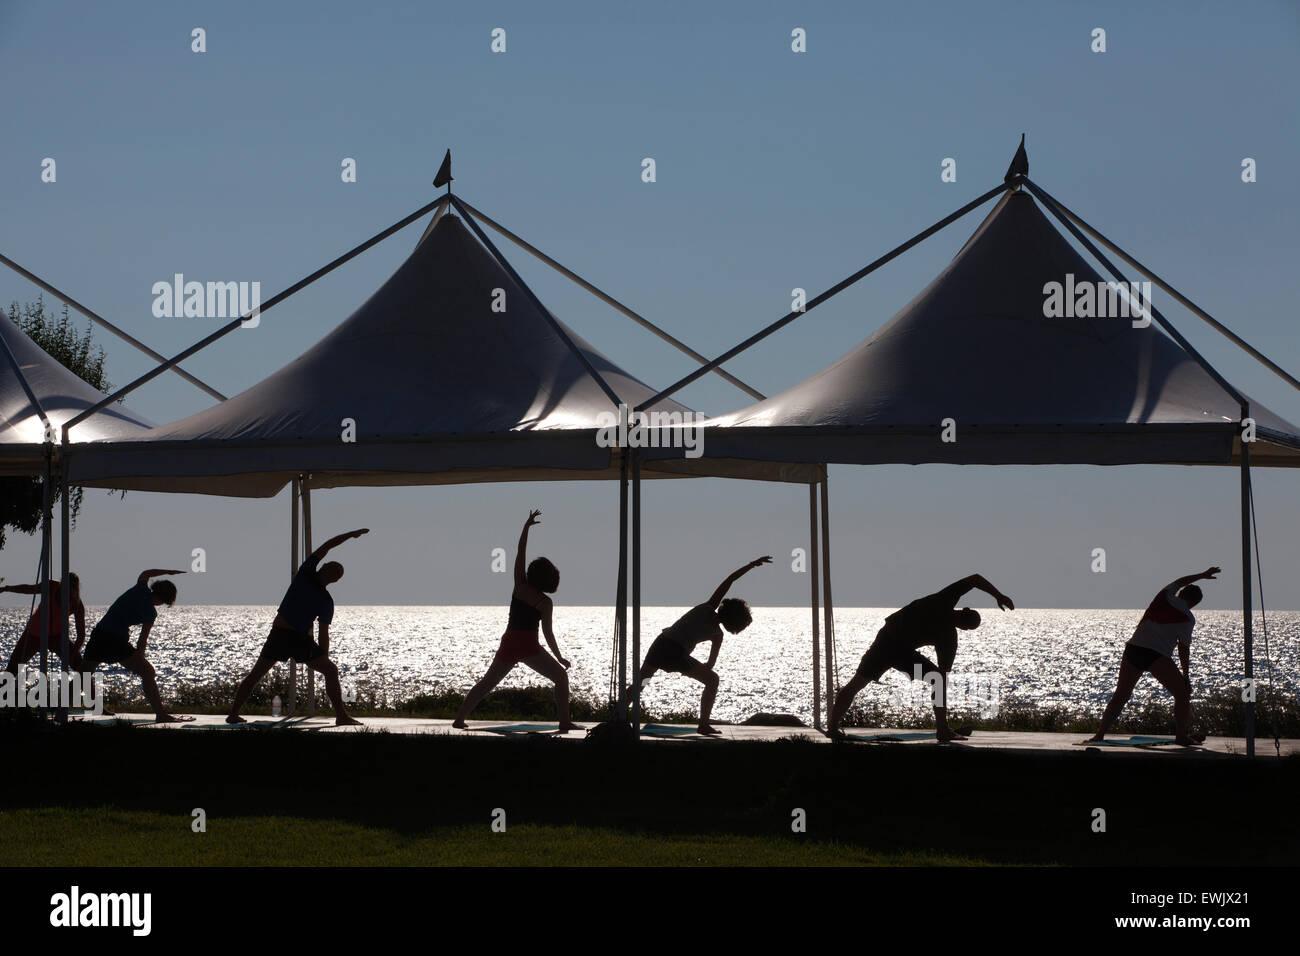 Esercizi yoga classe nella luce della sera, LEMNO, isole greche del Mar Egeo, Grecia Immagini Stock